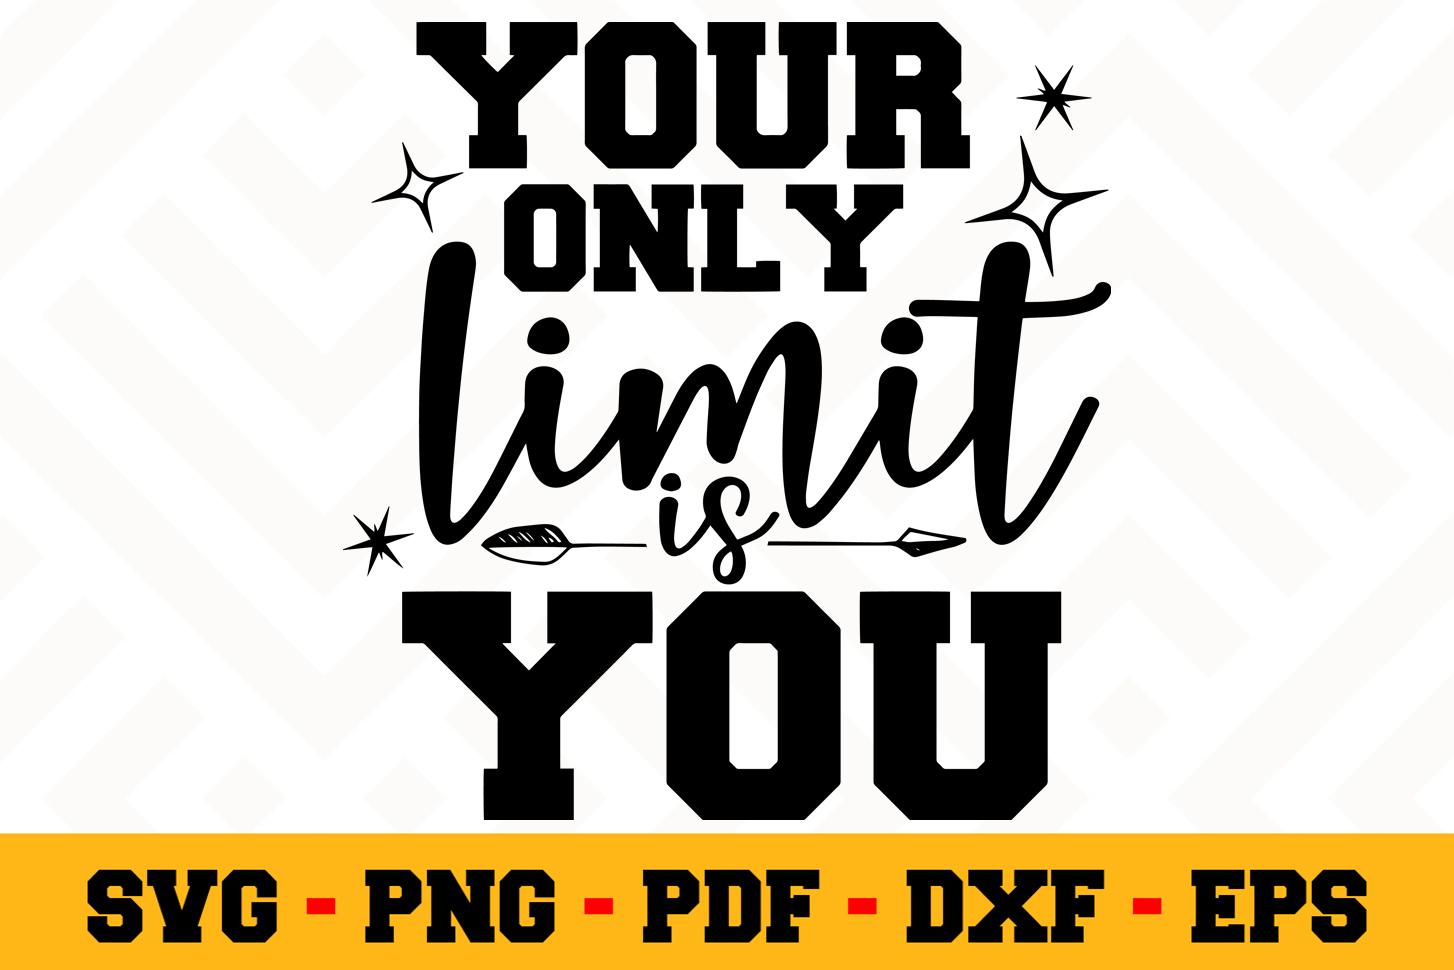 Motivation SVG Design n503 | Motivational Quote SVG File example image 1